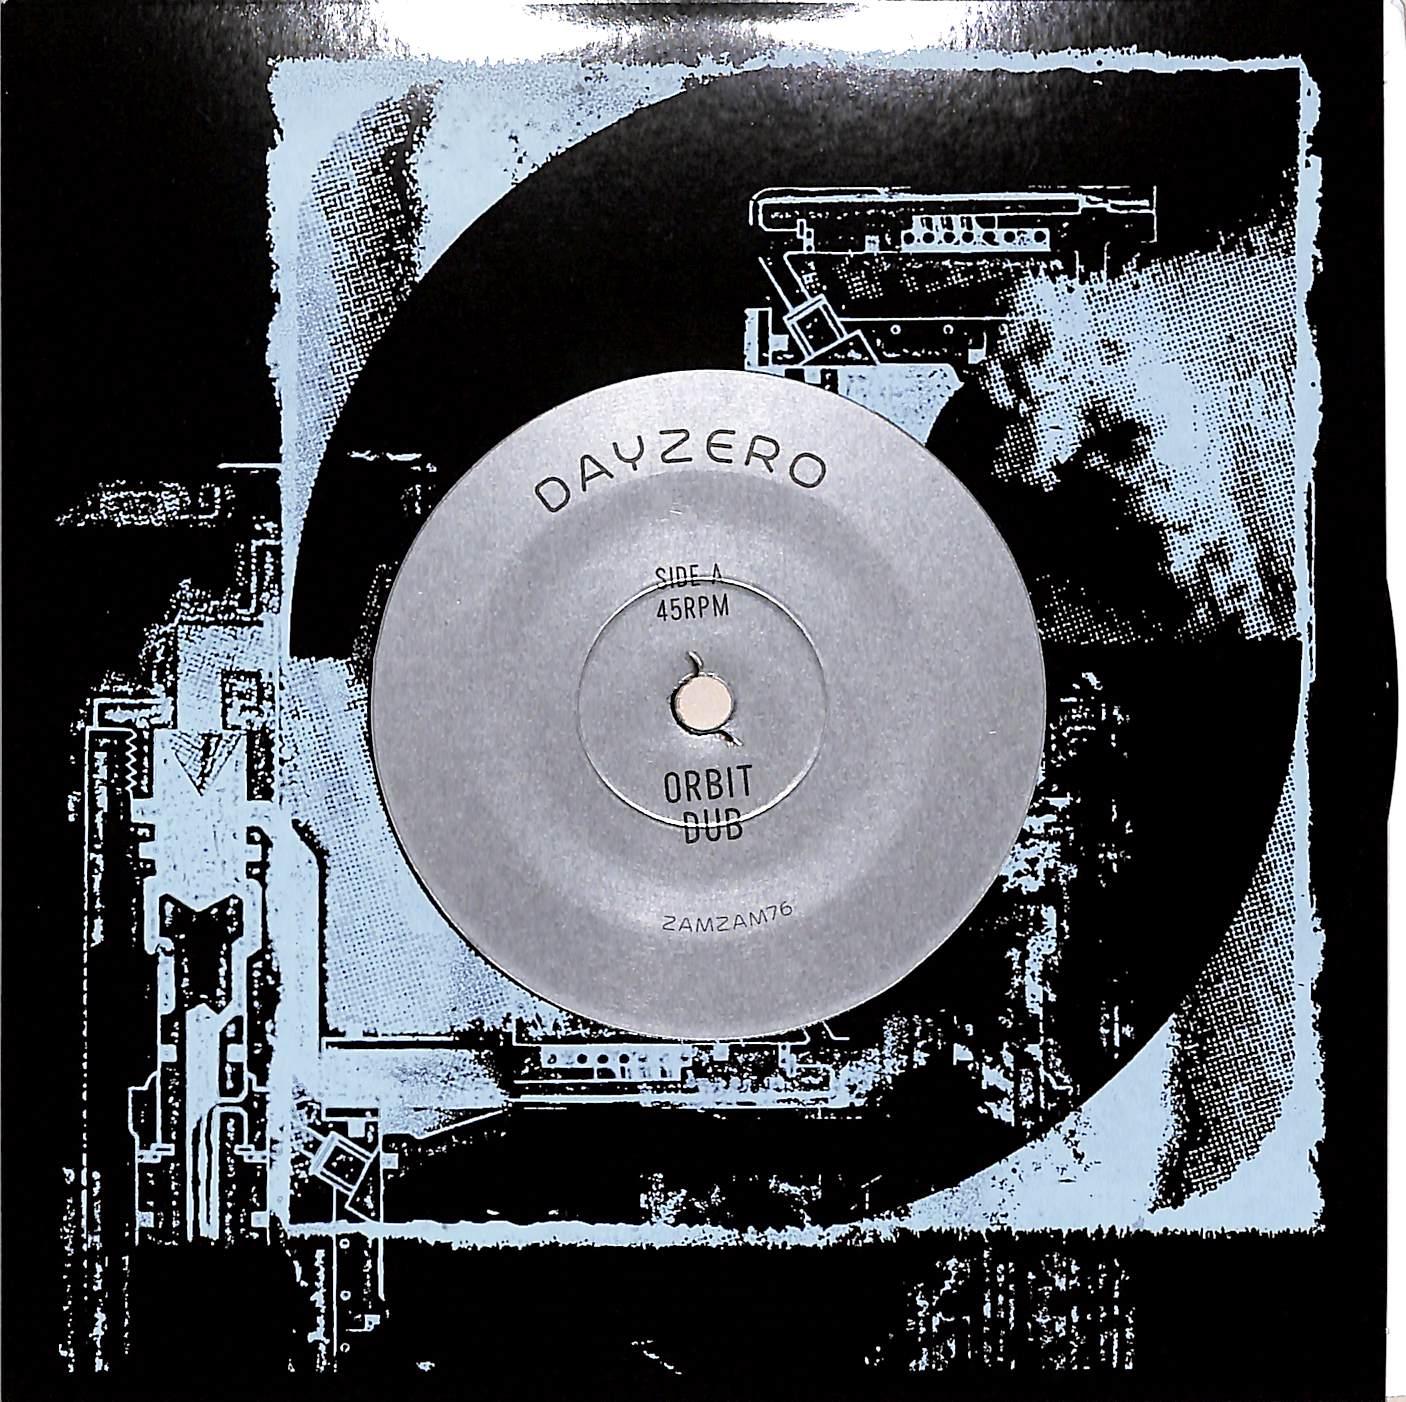 Dayzero - ORBIT DUB / THEORY DUB